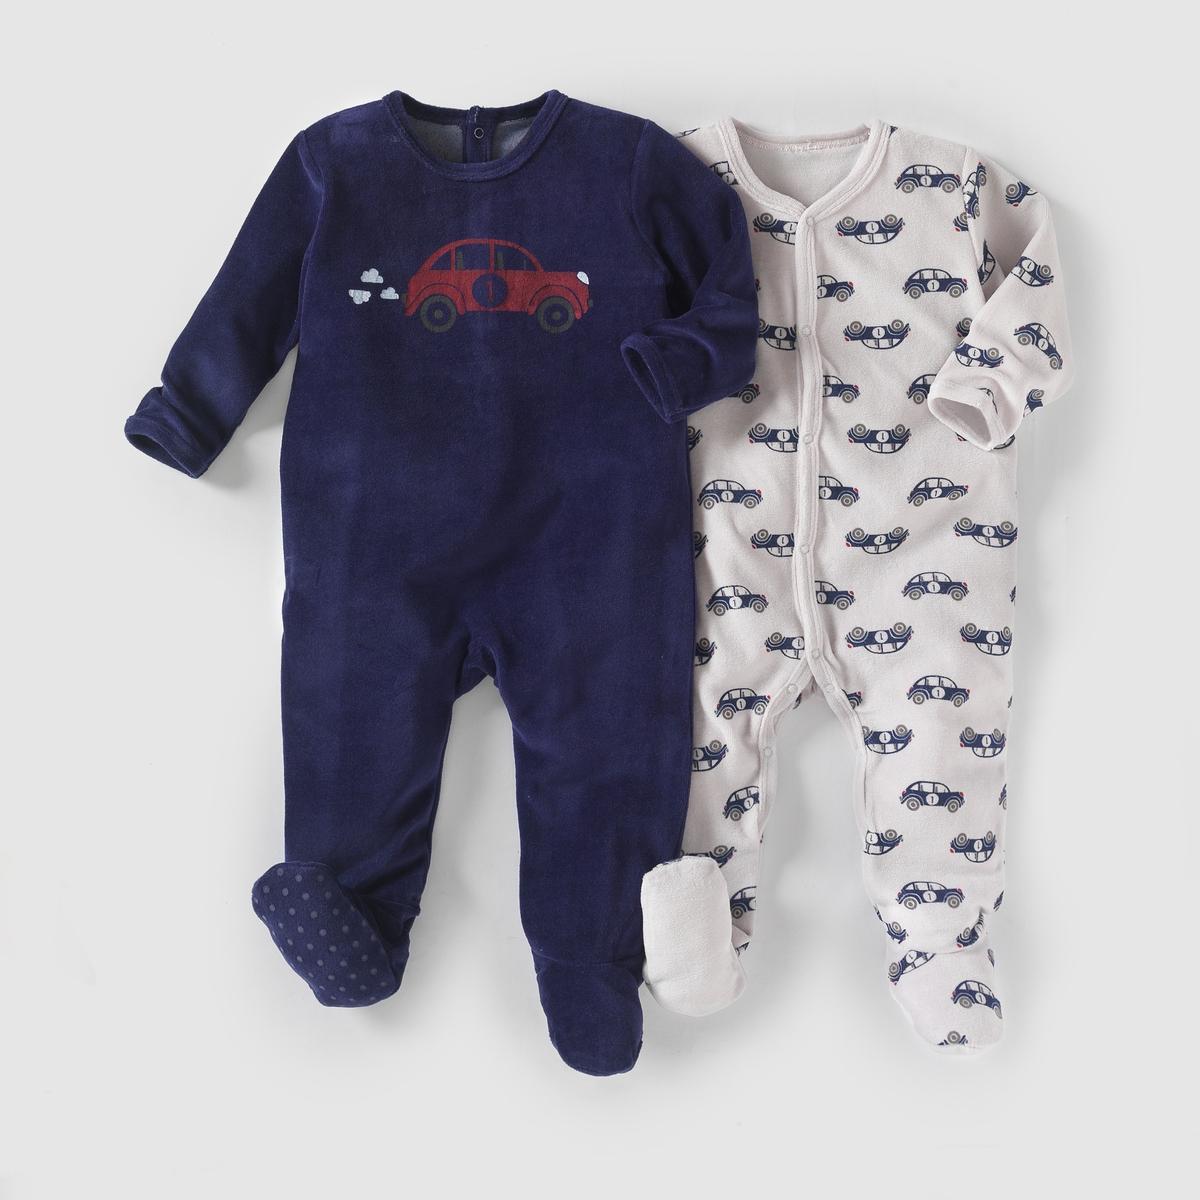 2 пижамы из велюра,  0 месяцев - 3 годаКомплект из 2 велюровых пижам. В комплект входят: 1 пижама с рисунком машина и застежкой на кнопки спереди и по внутр.шву + 1 однотонная пижама с рисунком машина спереди, застежкой на кнопки и клапаном на кнопках сзади. Нескользящая подошва начиная с размера 74 см (12 месяцев), эластичные вставки сзади для лучшей поддержки. Состав и описаниеМатериал: 75% хлопка, 25% полиэстера.Марка:   R mini УходСтирать и гладить с изнанки.Машинная стирка при 30°С в умеренном режиме с одеждой подобных цветов.Машинная сушка в умеренном режиме.Гладить на средней температуре.<br><br>Цвет: белый + темно-синий